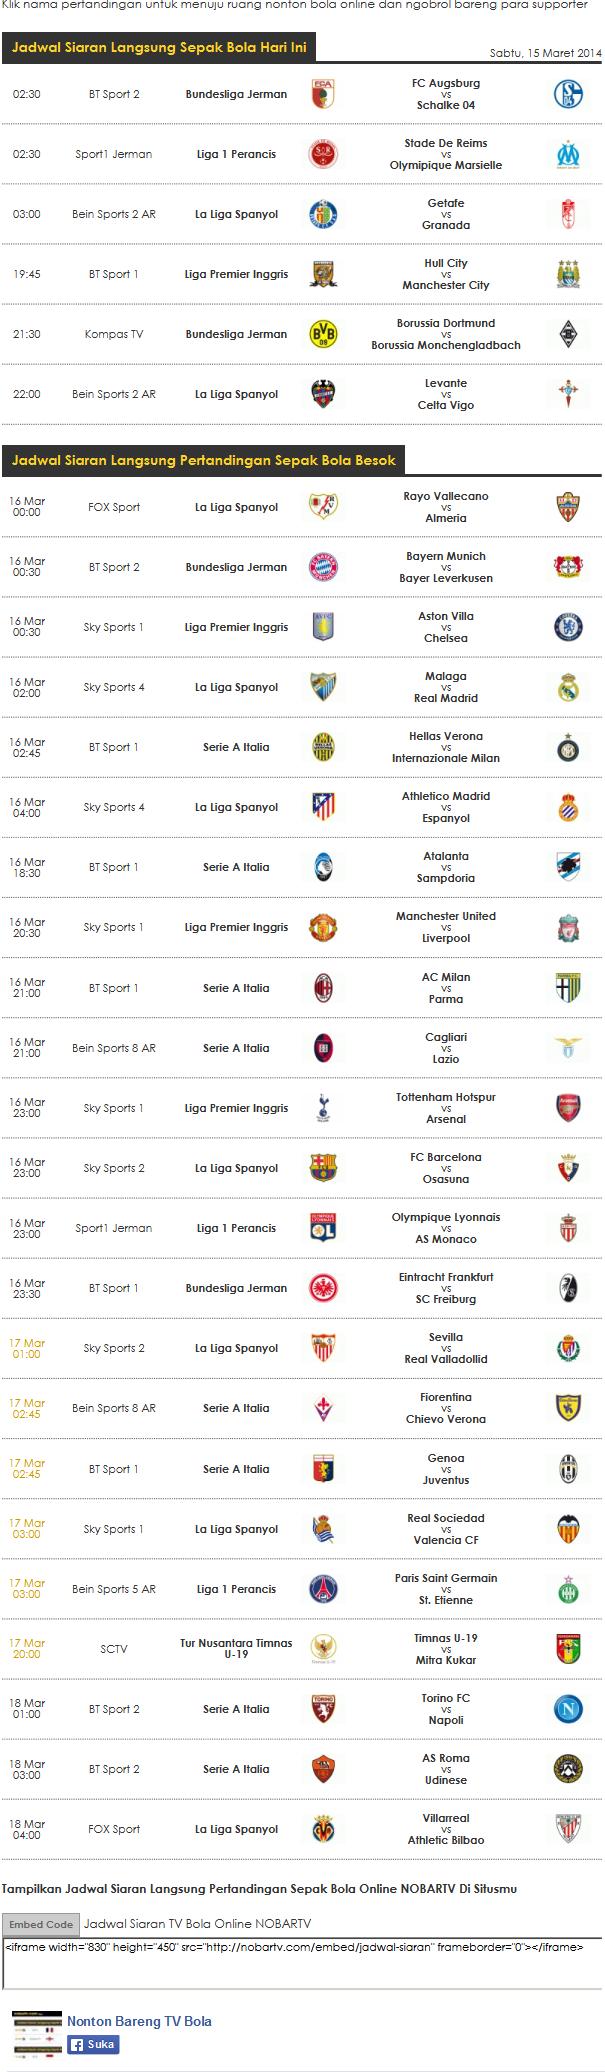 Jadwal Nonton Bareng Bola Online di NOBARTV.COM Liga inggris, La Liga Spanyol, Serie A Italia, Liga 1 Perancis, Bundesliga Jerman, Tur Nusantara Timnas U-19  Siaran Bola Online Tanggal 15 - 18 Maret 2014  Jadwal lengkap kunjungi http://www.nobartv.com/